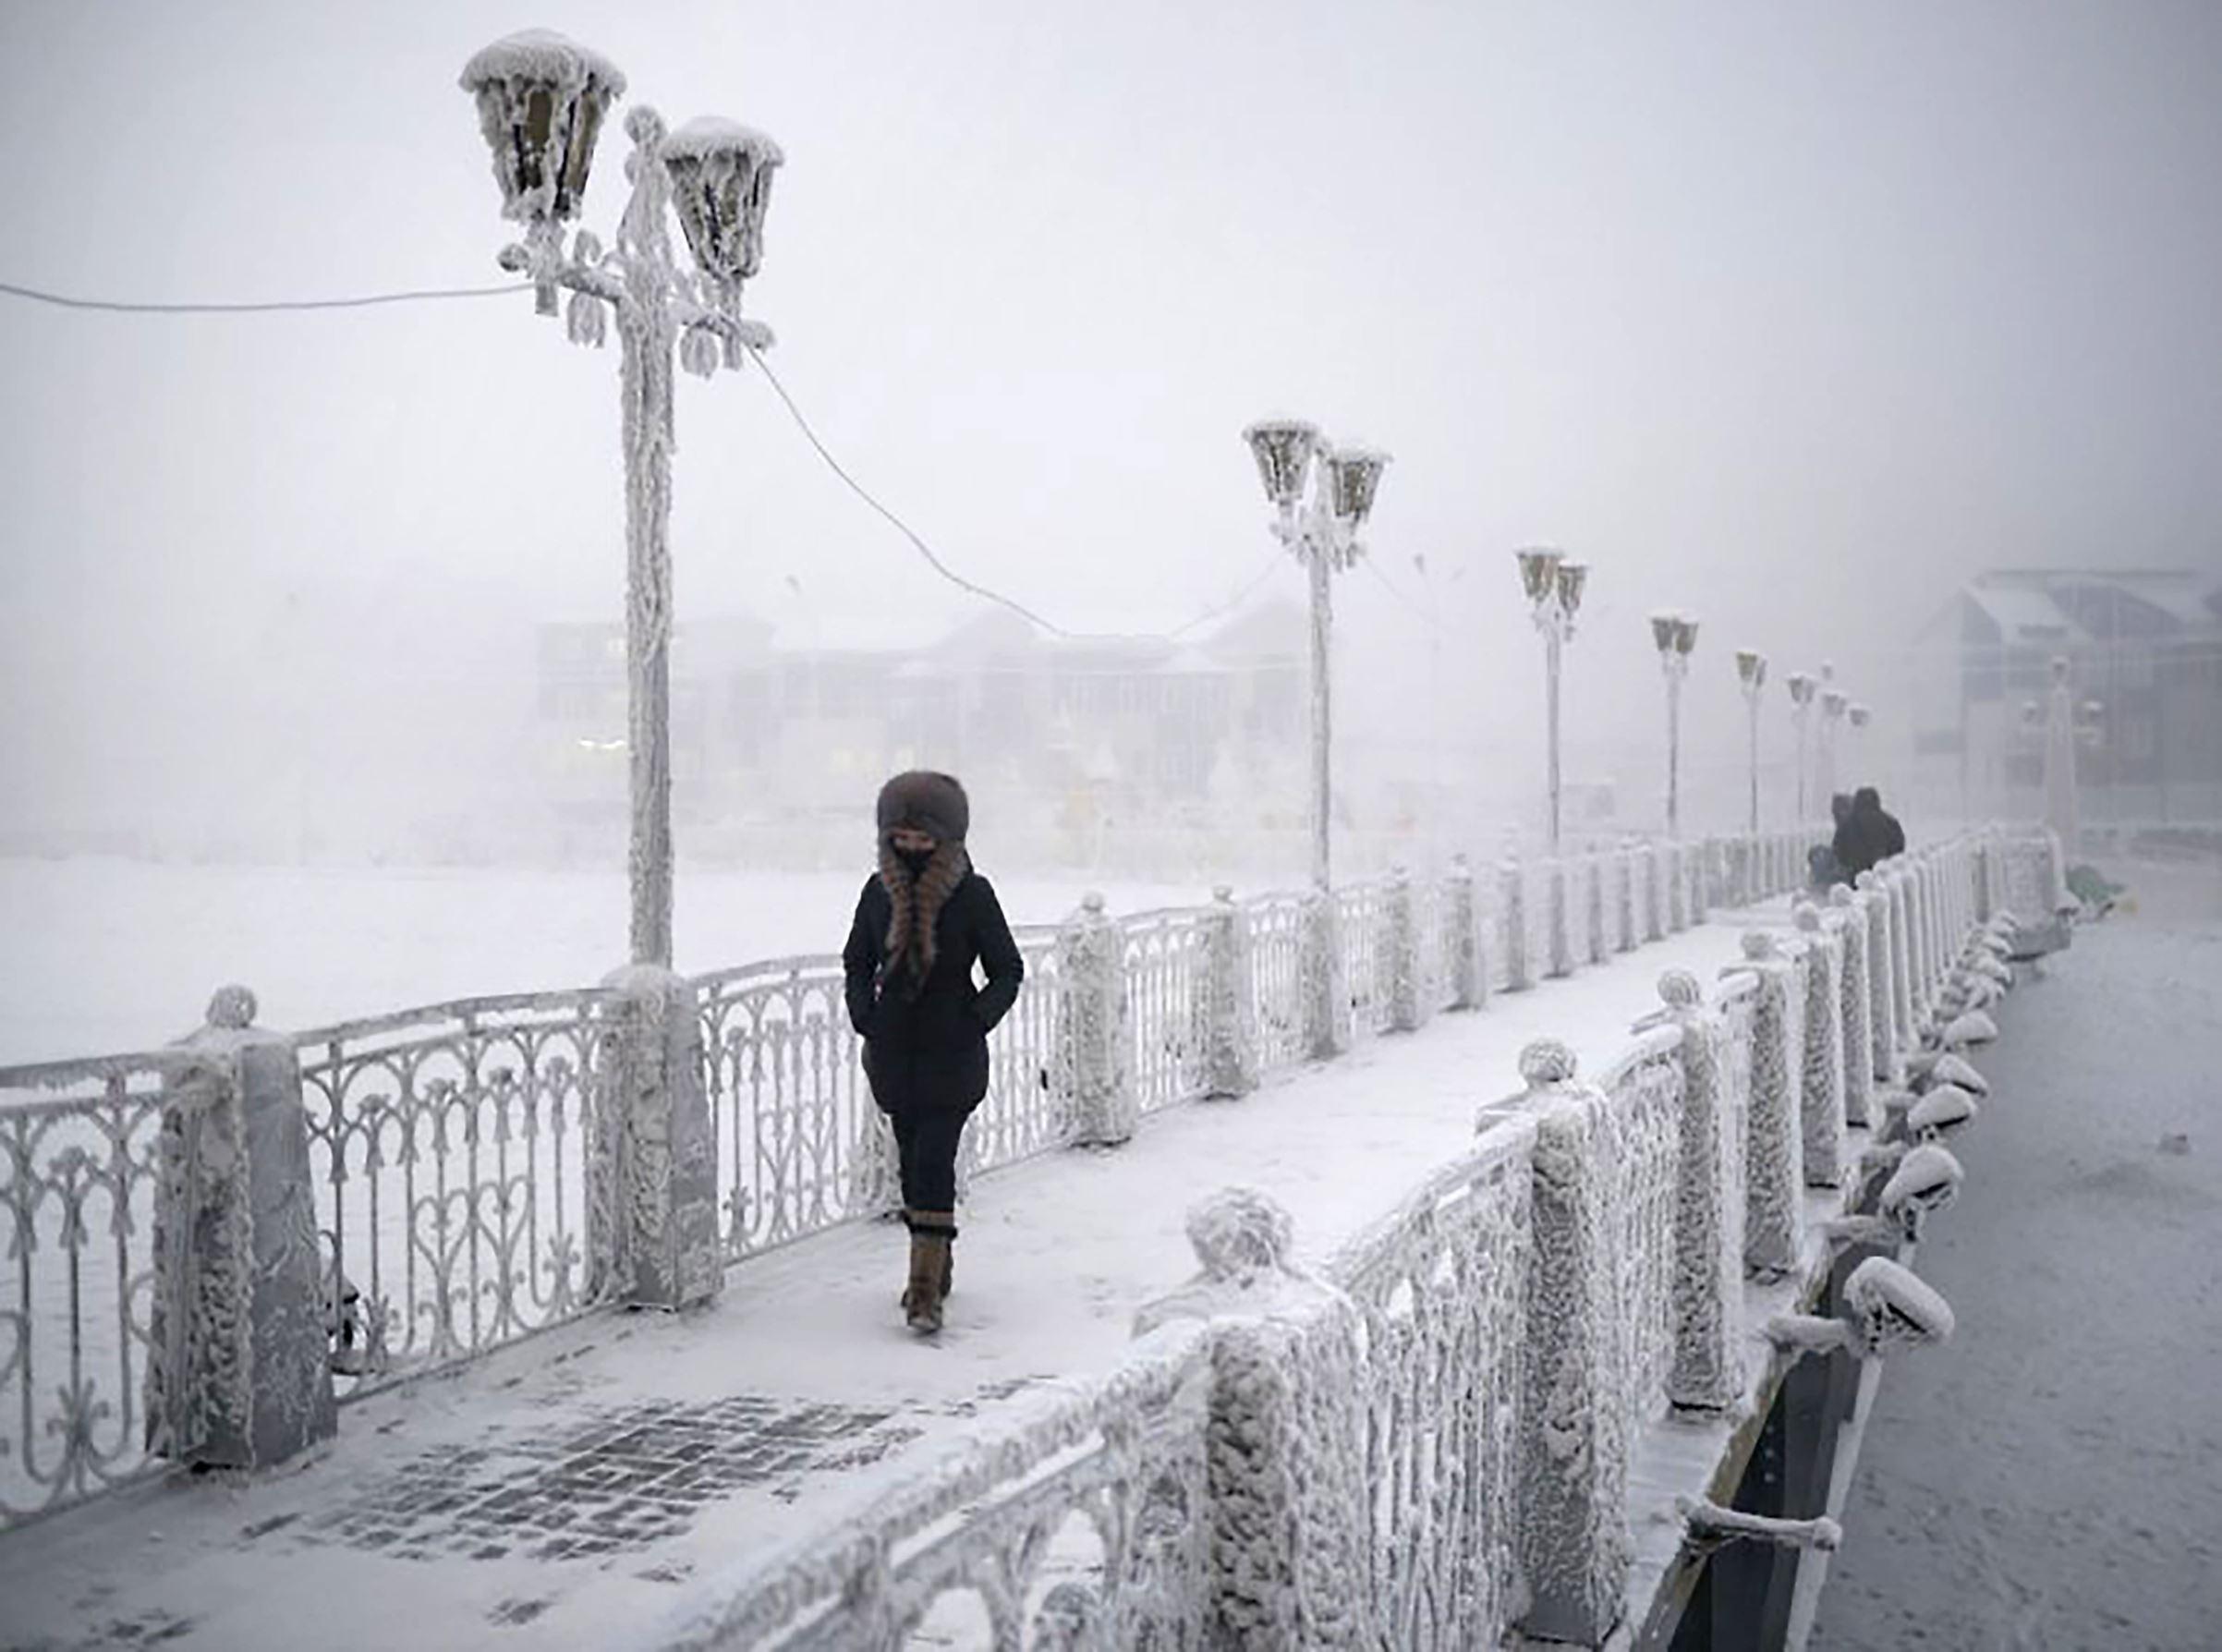 världens kallaste stad